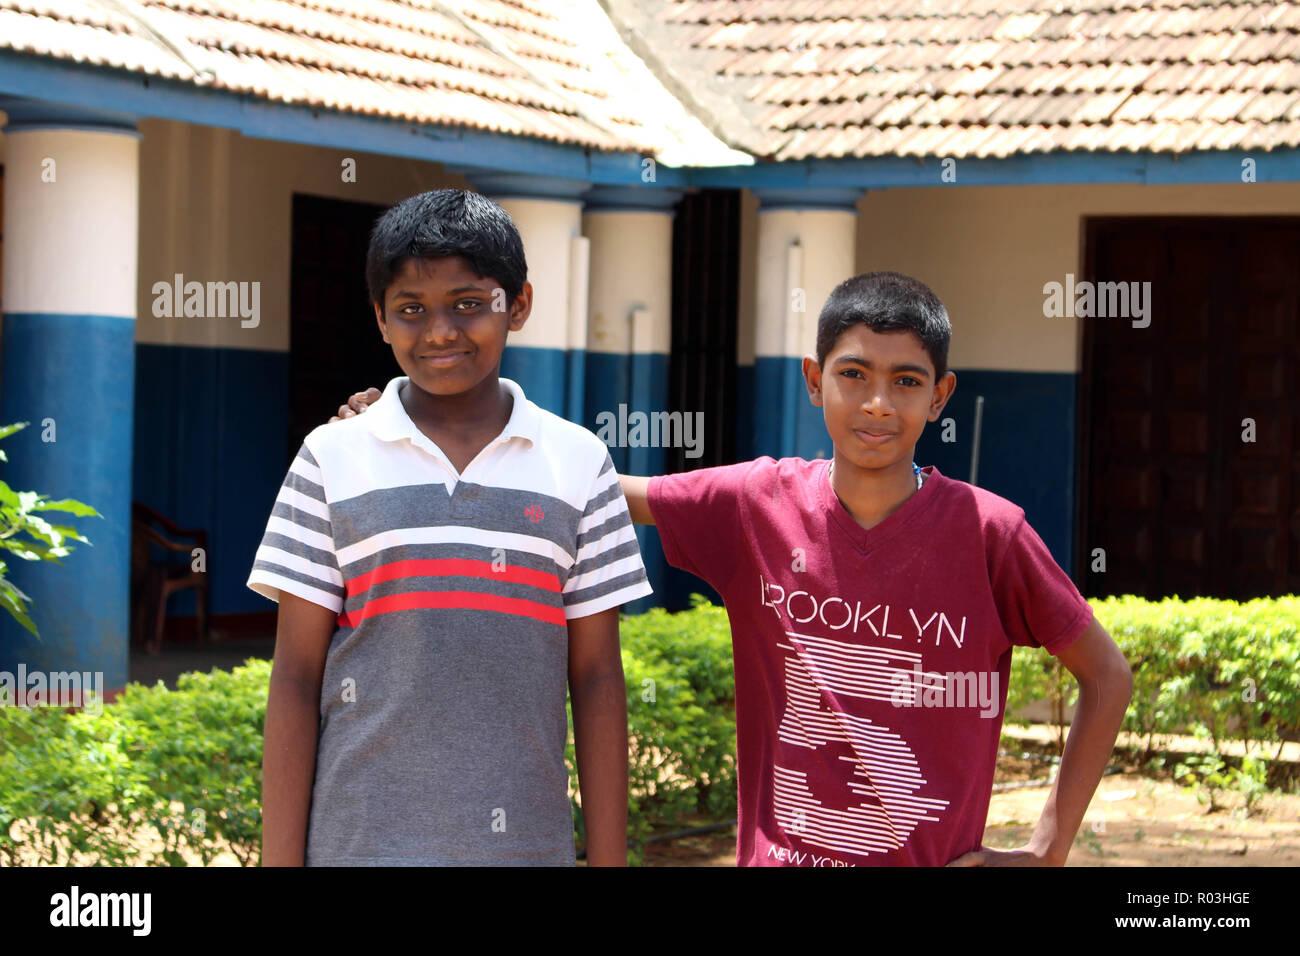 Friendship of Srilankan Sinhalese boys in Trincomalee. Taken in Srilanka, August 2018. Stock Photo